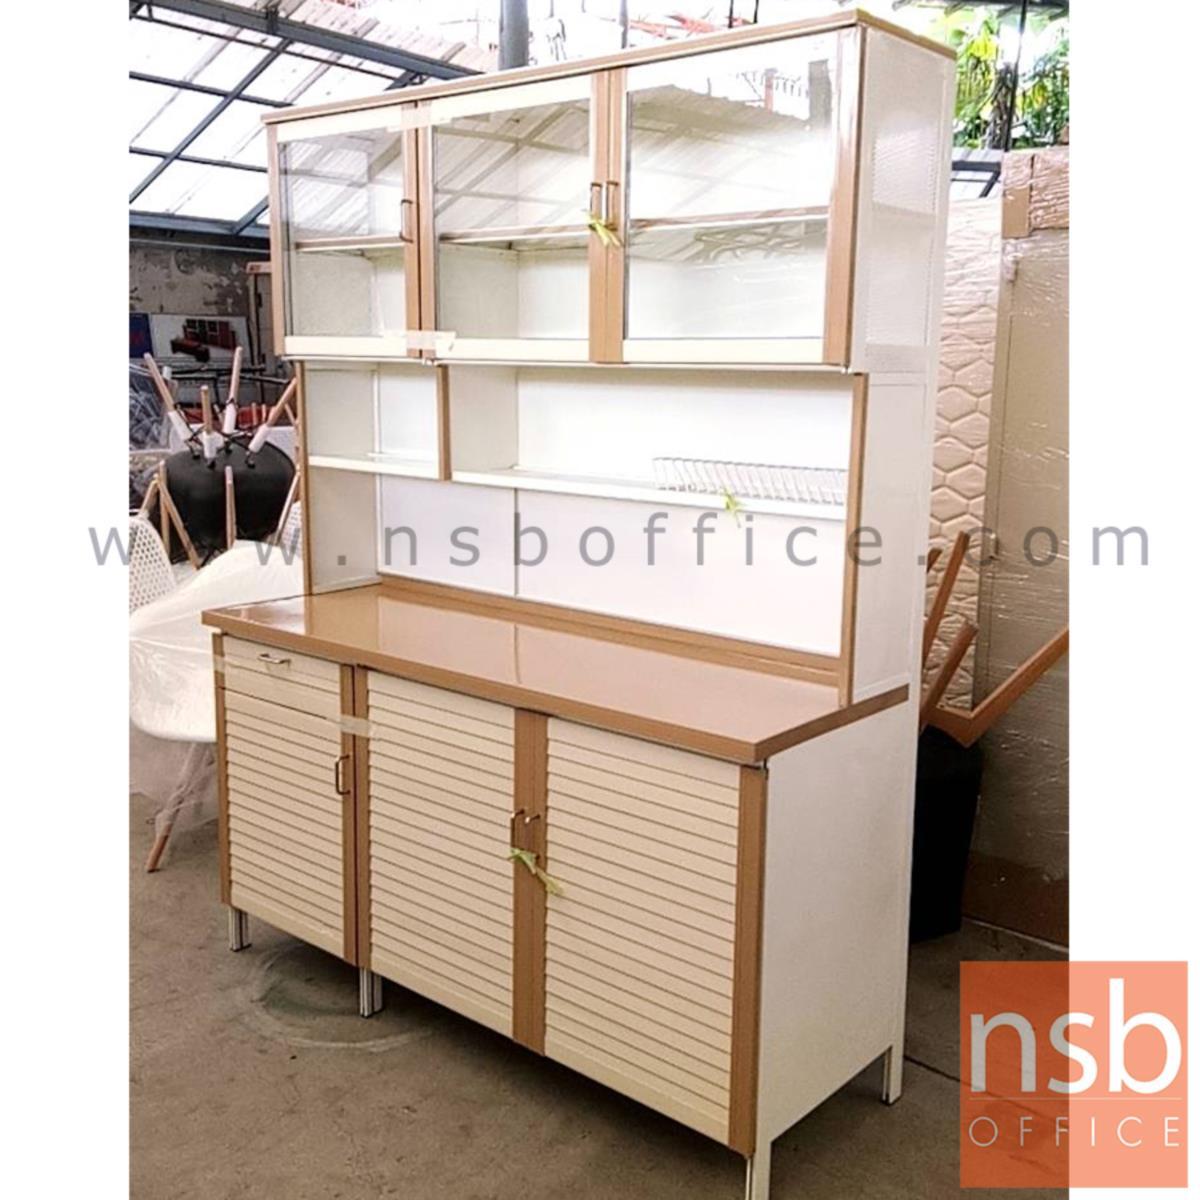 ตู้ครัวบานเกล็ด 3 บานเปิดสูง รุ่น AL151 ขนาด 150W*54D*190H cm.